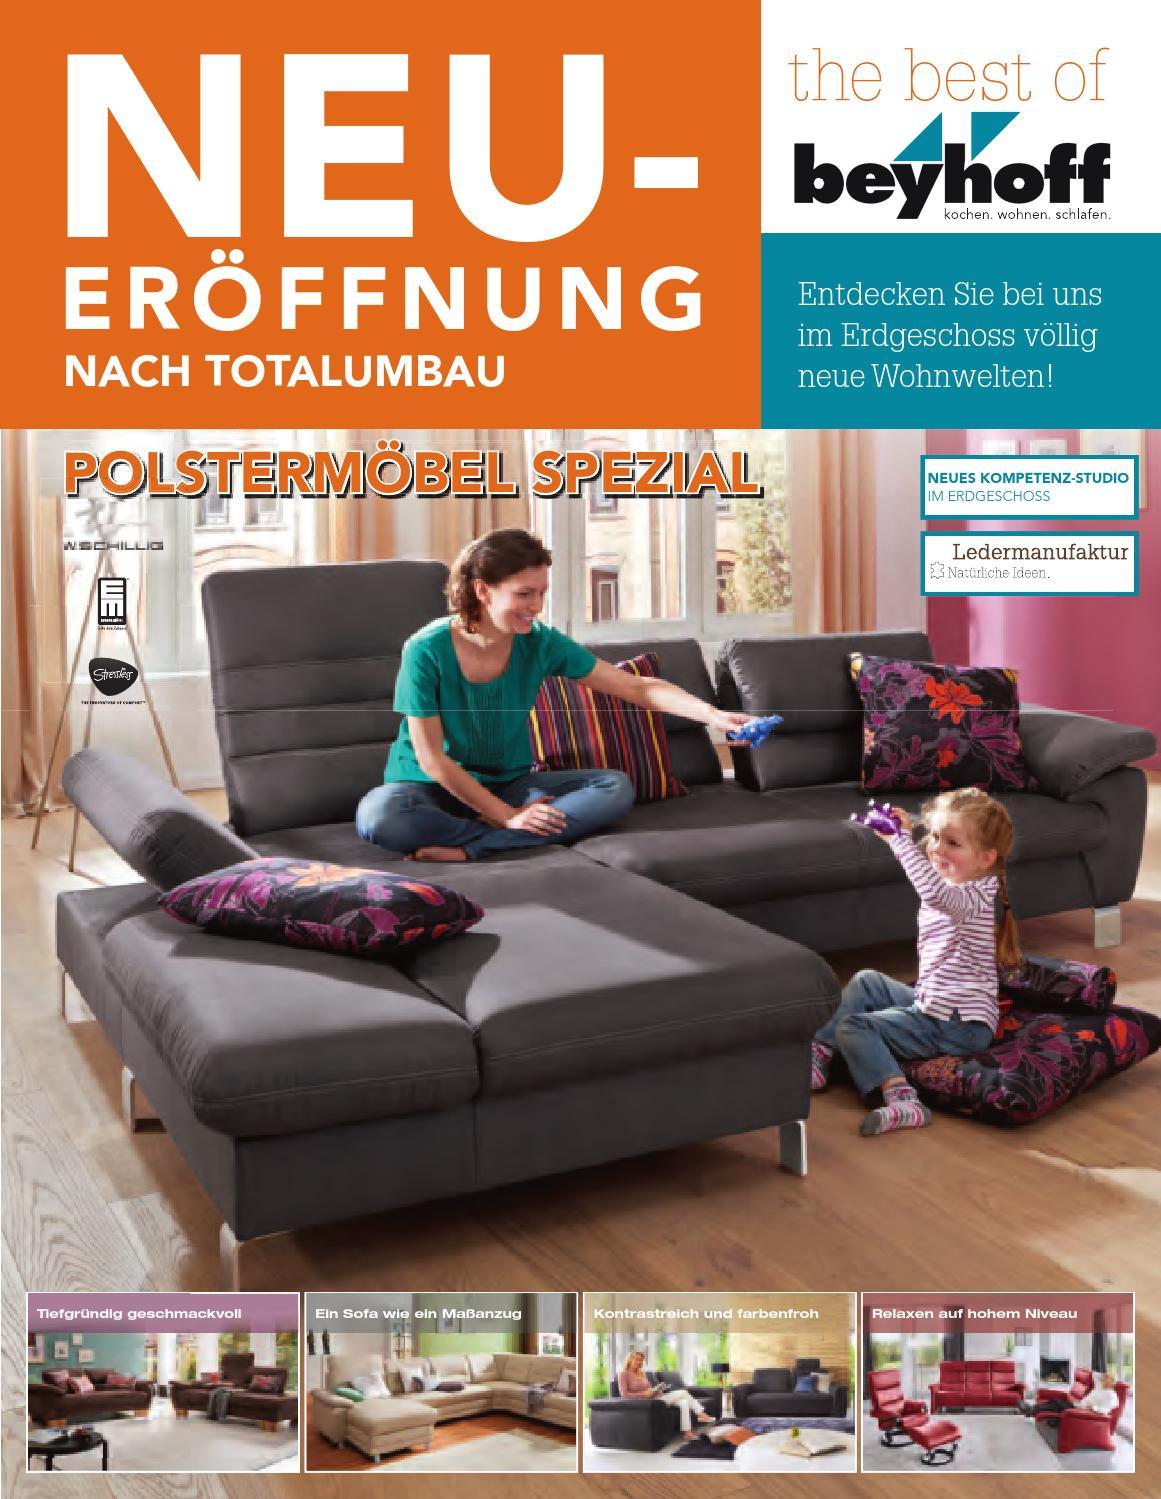 Möbel Beyhoff : Polstermöbel Spezial by Möbel Beyhoff GmbH Beyhoff ...